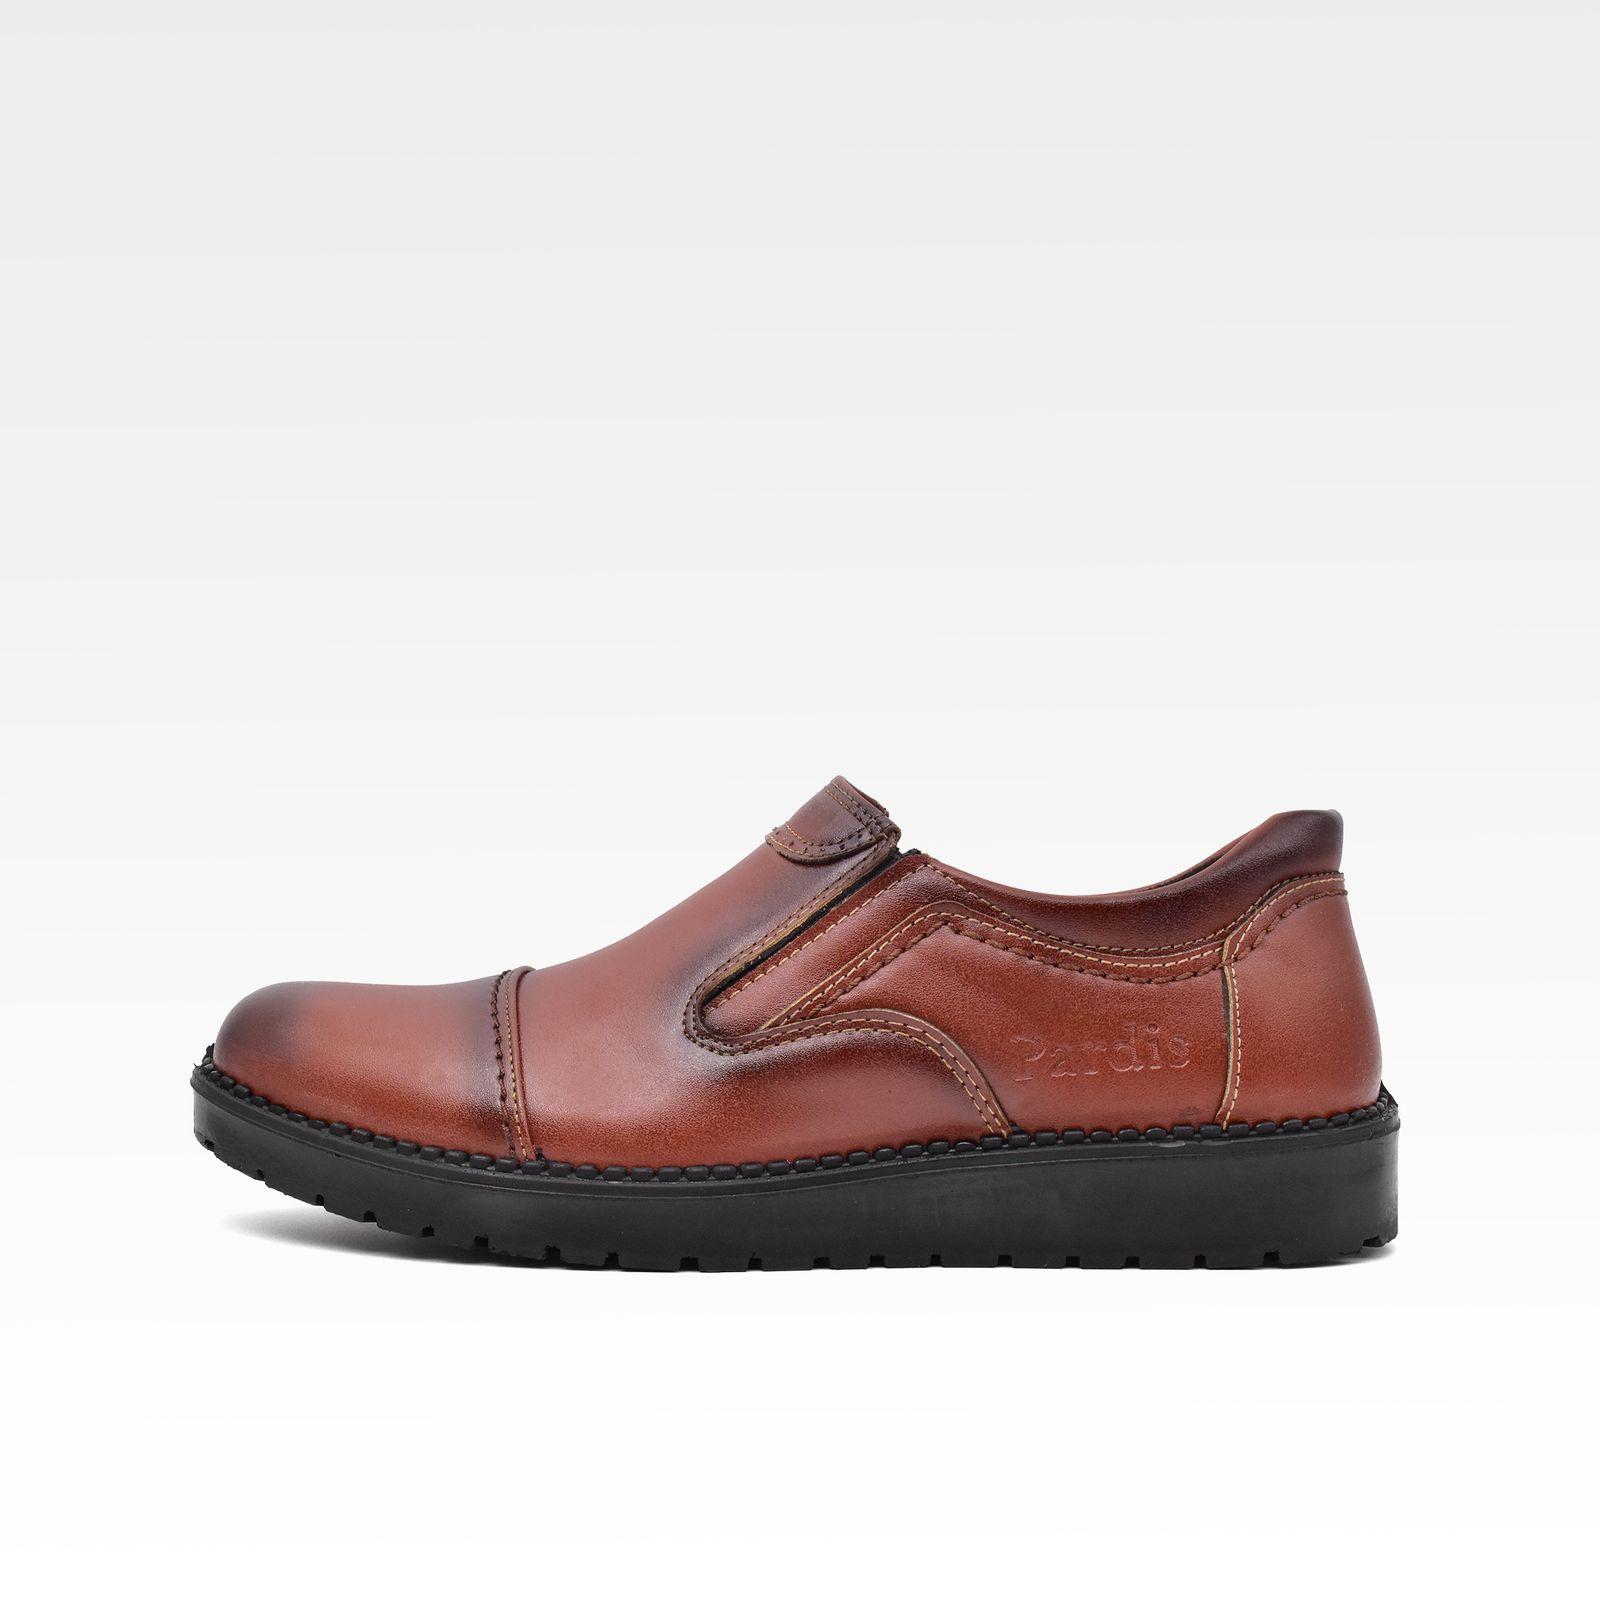 کفش روزمره مردانه مدل پردیس کد 5968 -  - 2